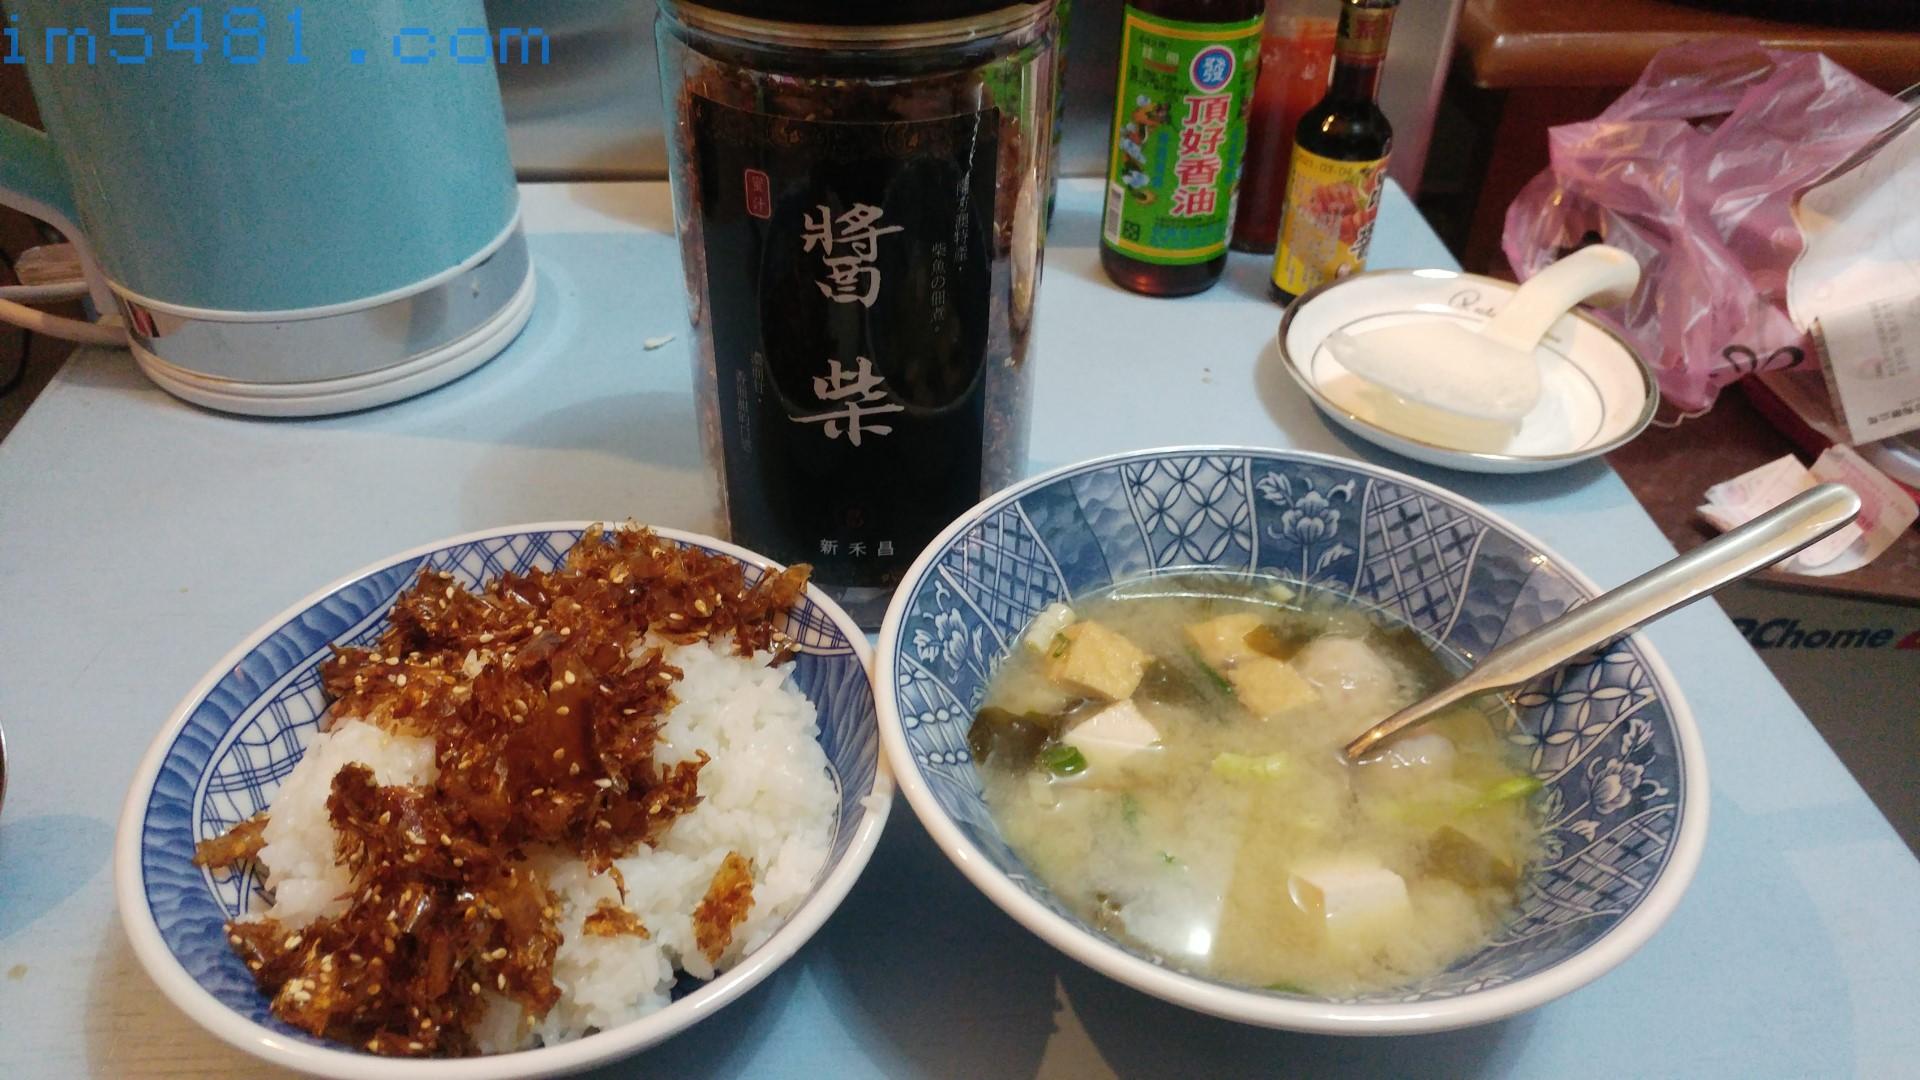 新禾昌醬柴配白飯,然後再一碗味噌湯就夠鮮了!